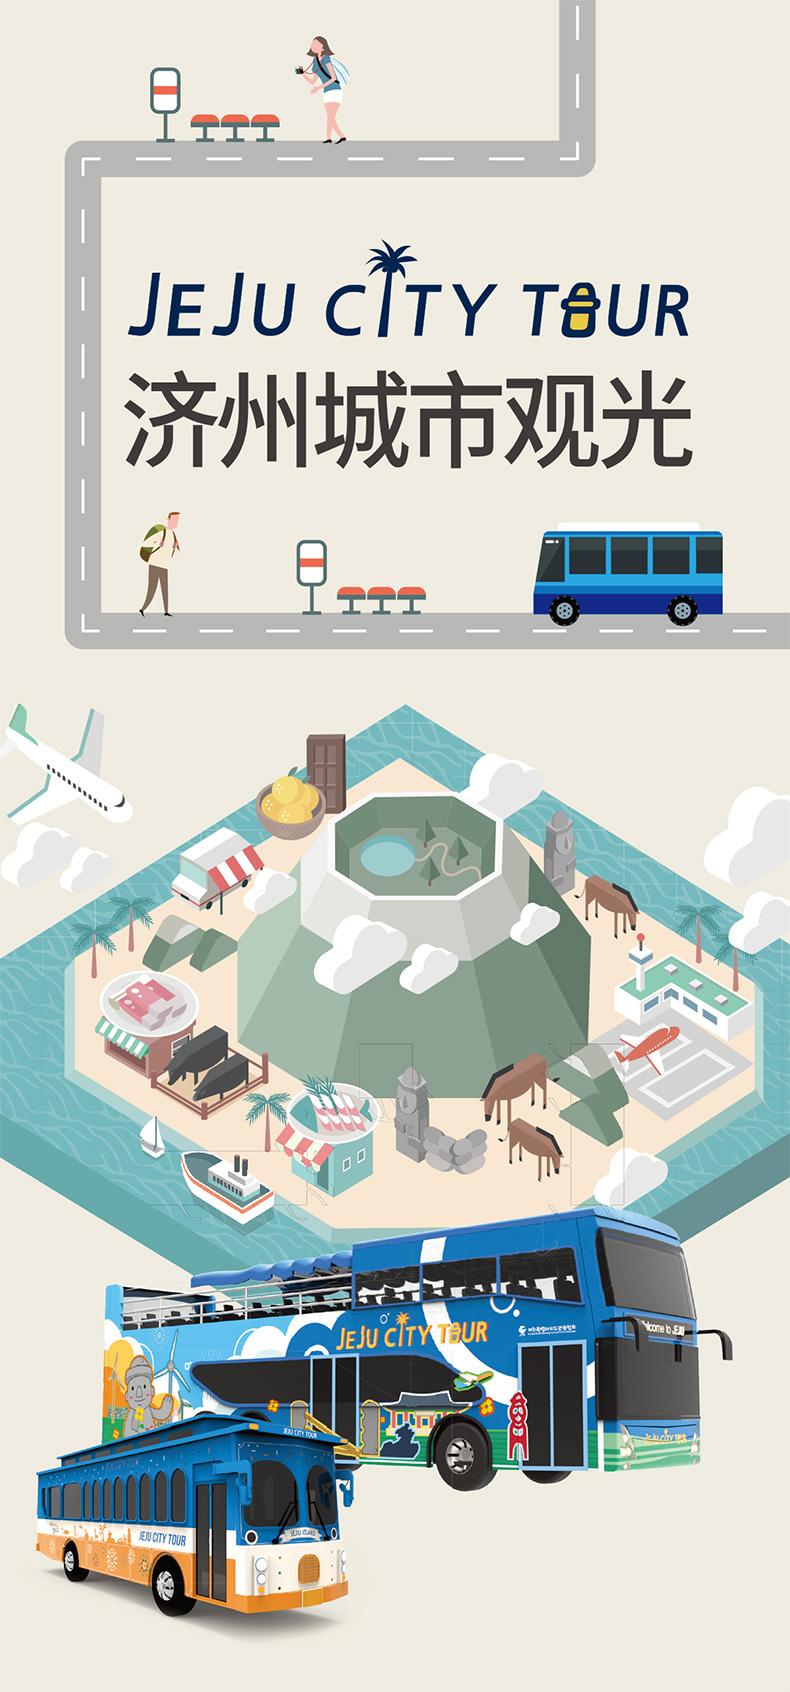 濟州島城市觀光巴士.jpg